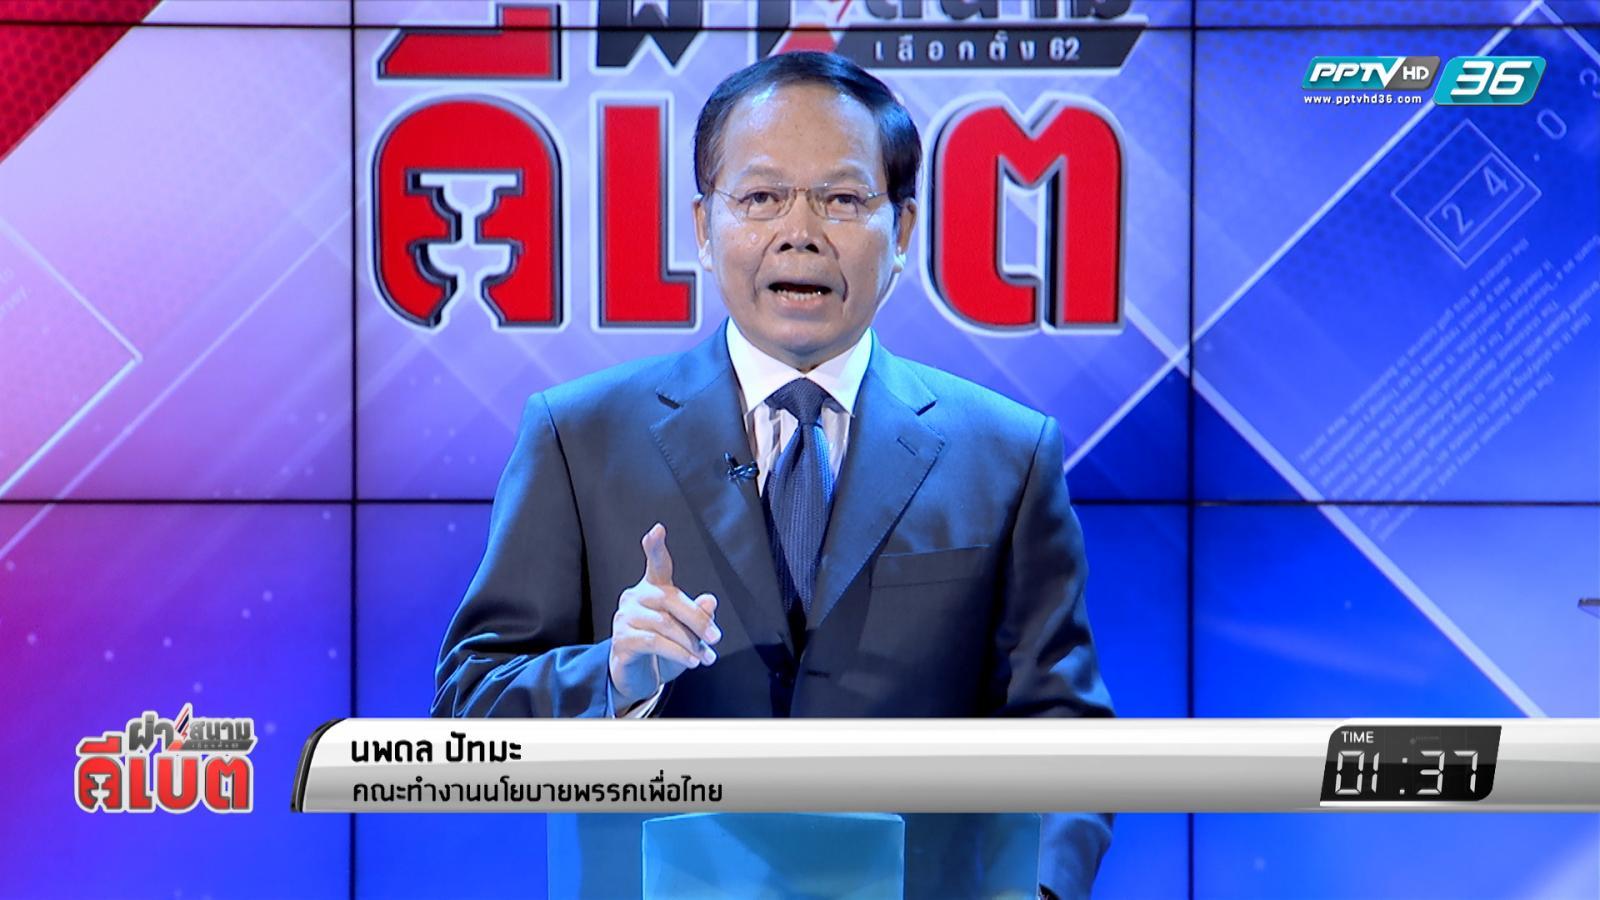 """เพื่อไทย ชู นโยบาย """"ยกเลิกเกณฑ์ทหาร""""เน้นสมัครใจได้เรียนต่อถึงปวช.-ปวส."""